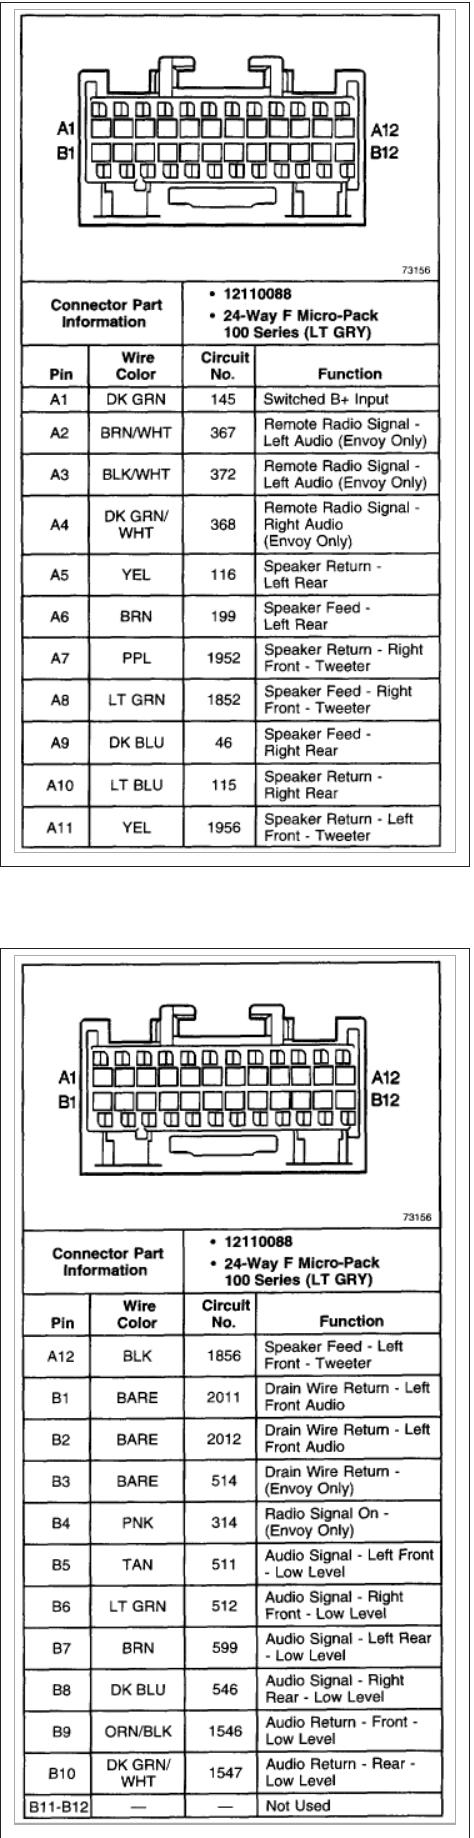 Diagram 2003 Gmc Envoy Xl Wiring Diagram Full Version Hd Quality Wiring Diagram Lung Diagram Gsportweb It